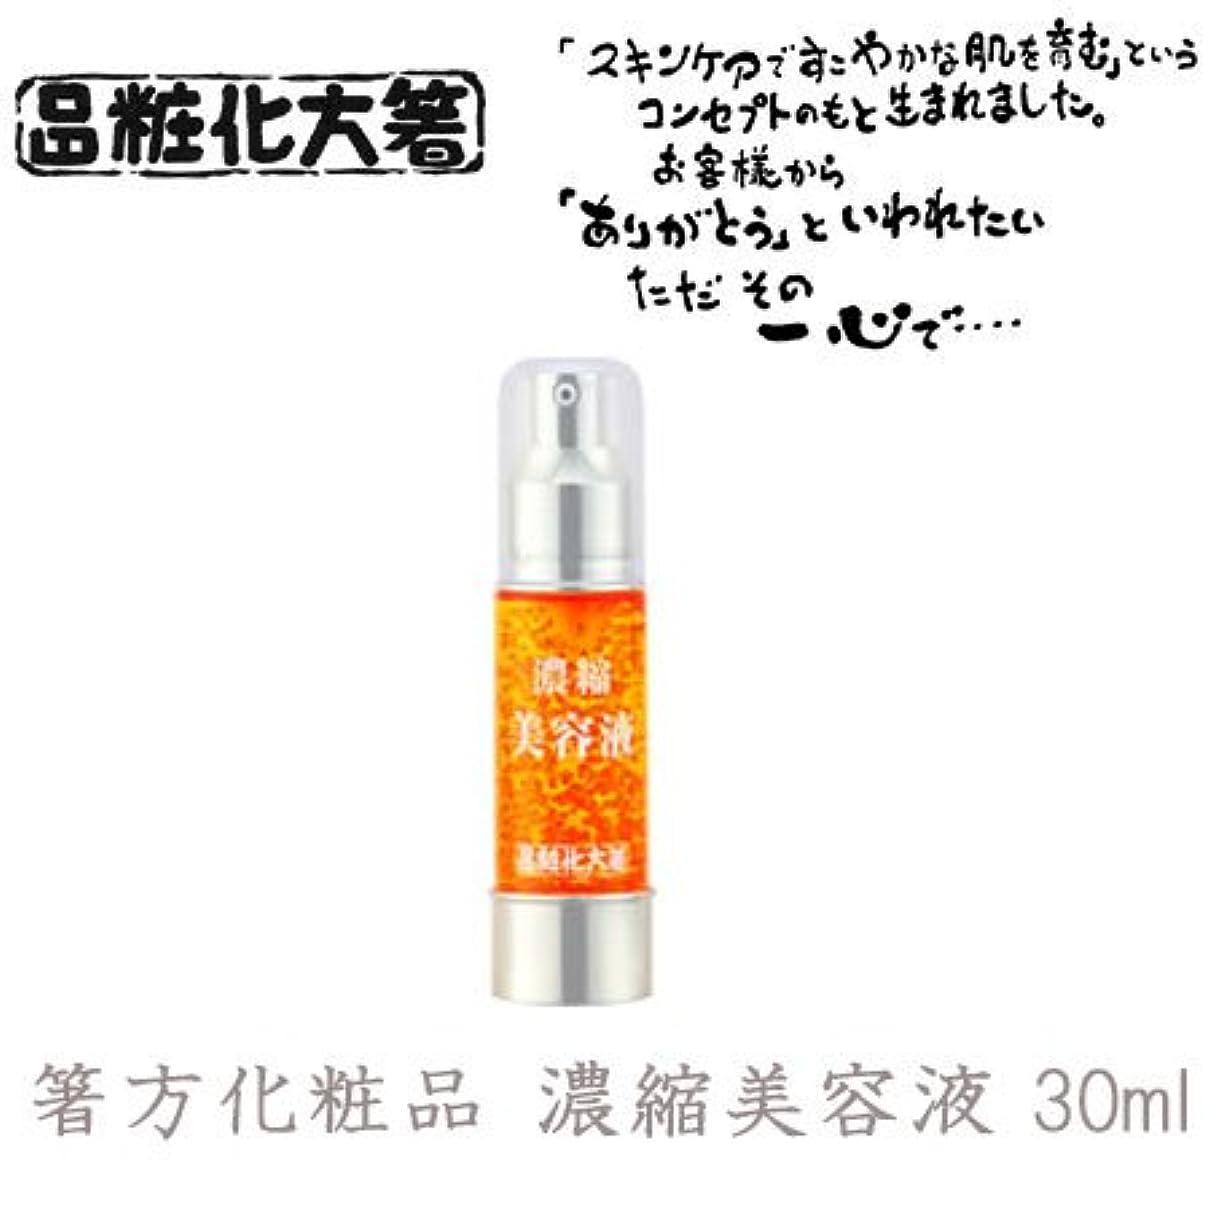 コレクション子太い箸方化粧品 濃縮美容液 30ml はしかた化粧品